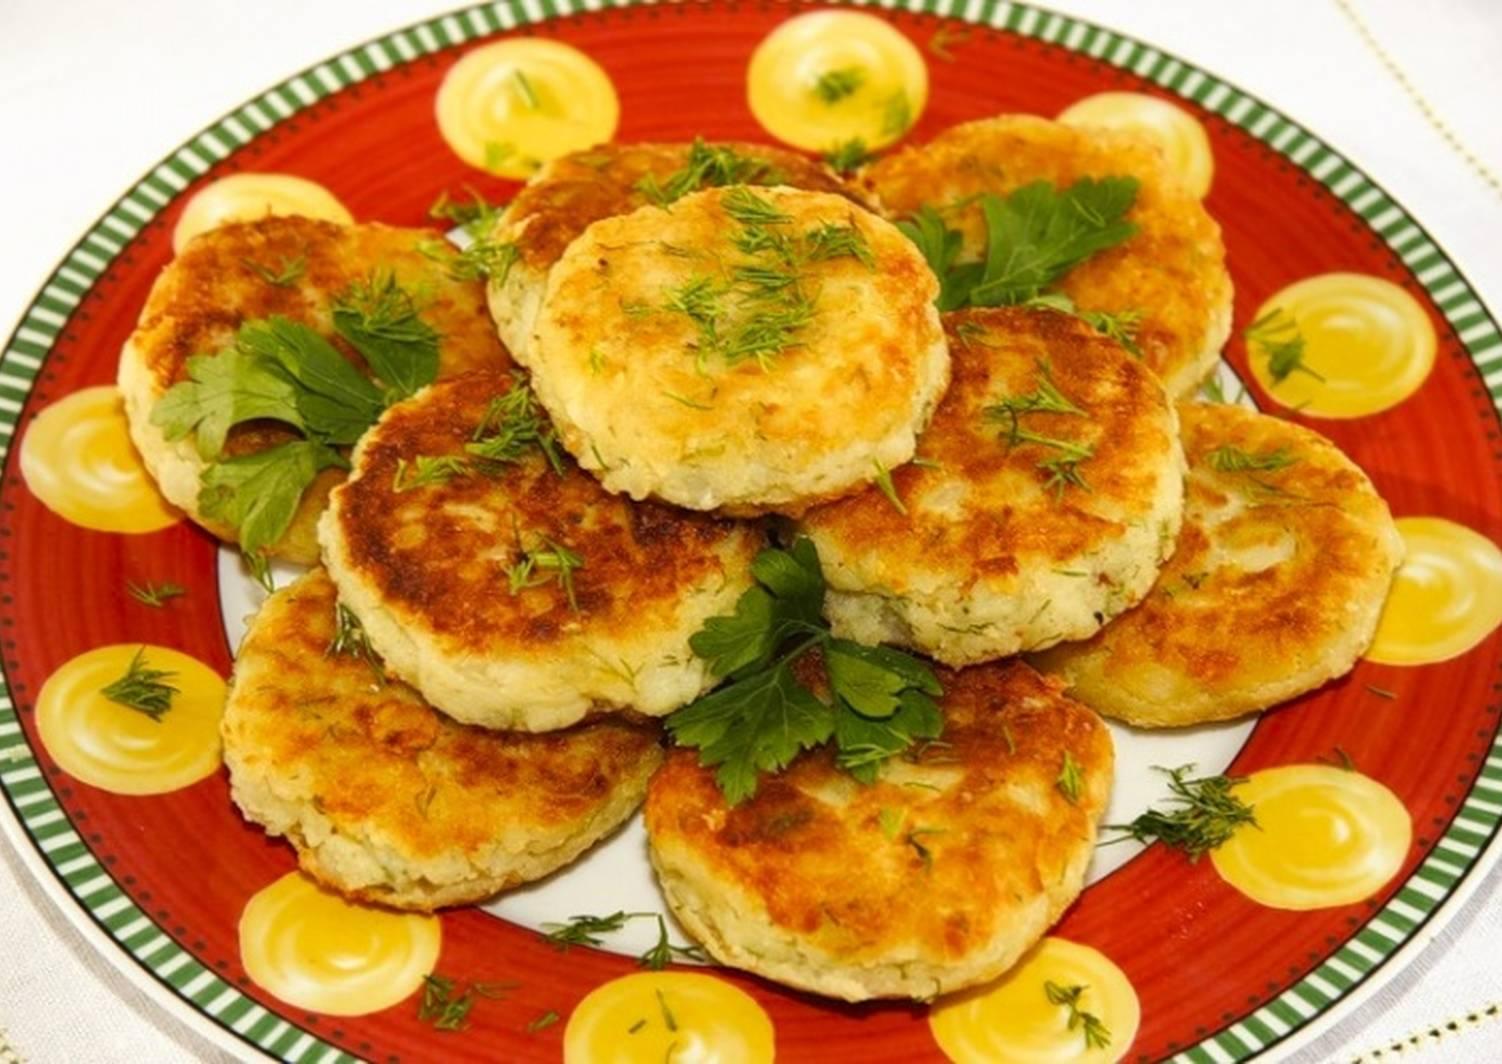 праздничные рецепты постных блюд с фото она встречается сухих